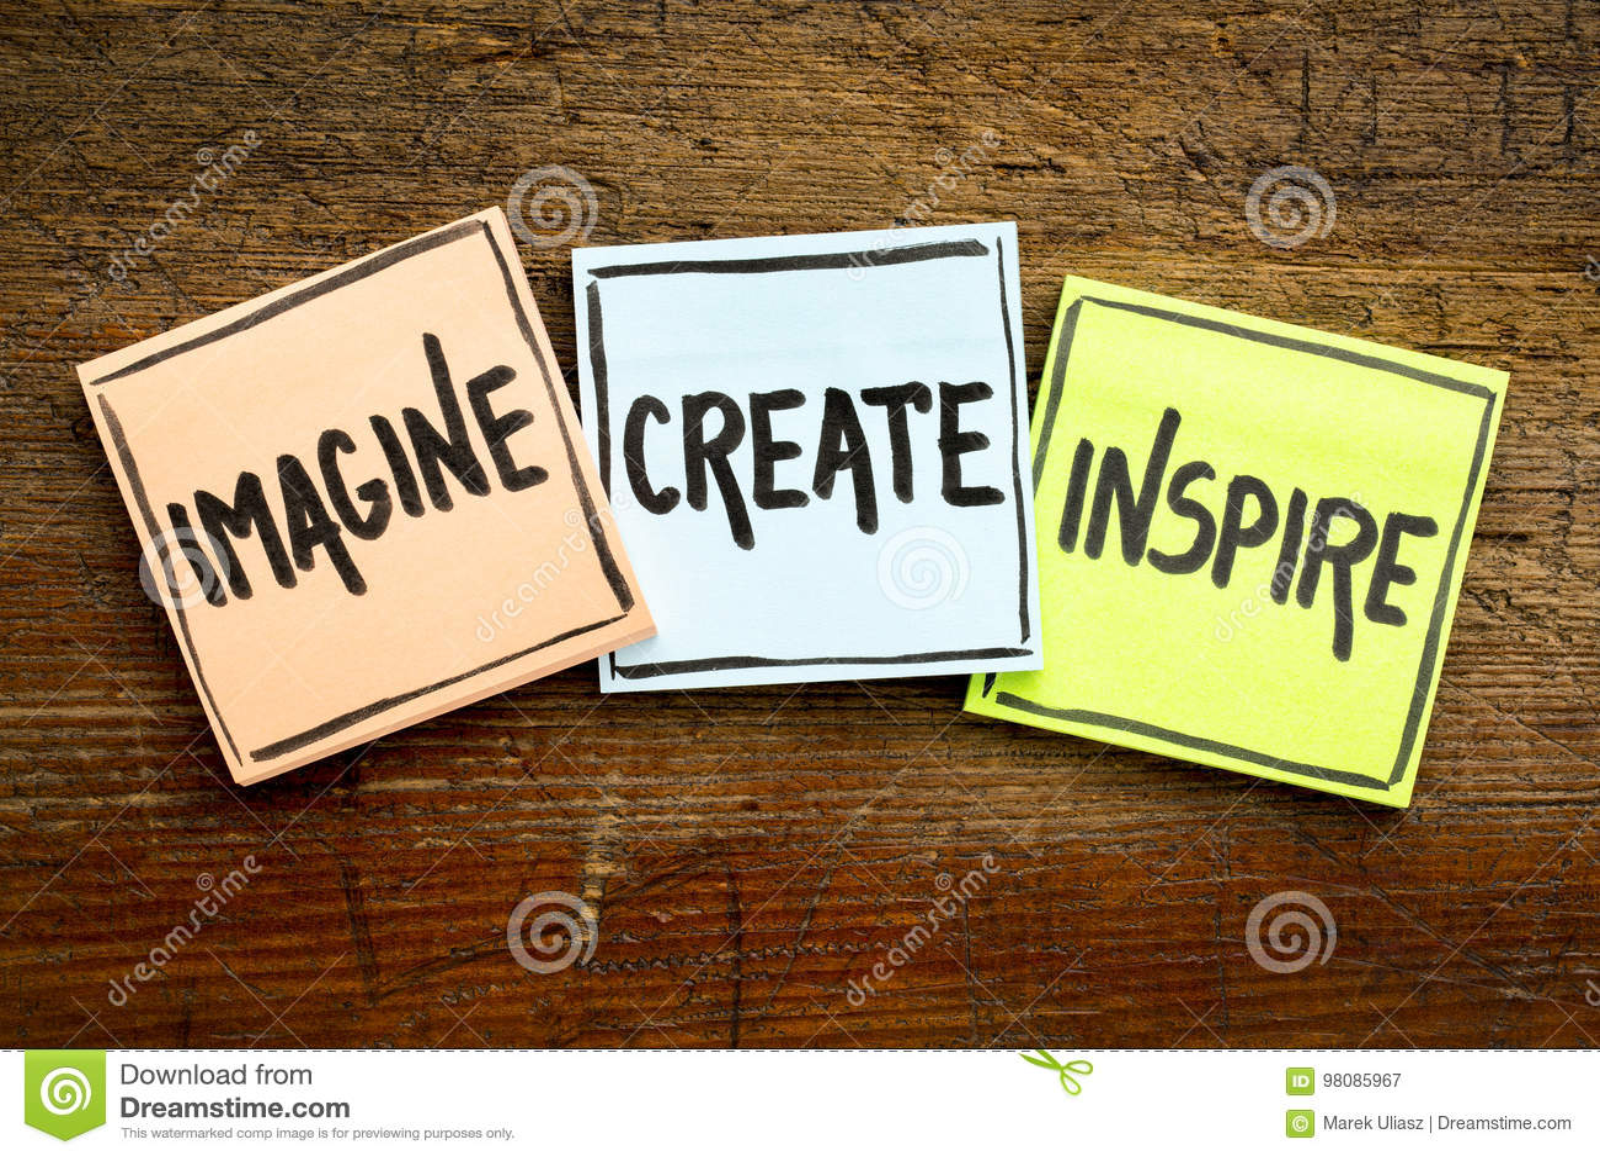 Föreställ, skapa, inspirera begreppet på klibbiga anmärkningar